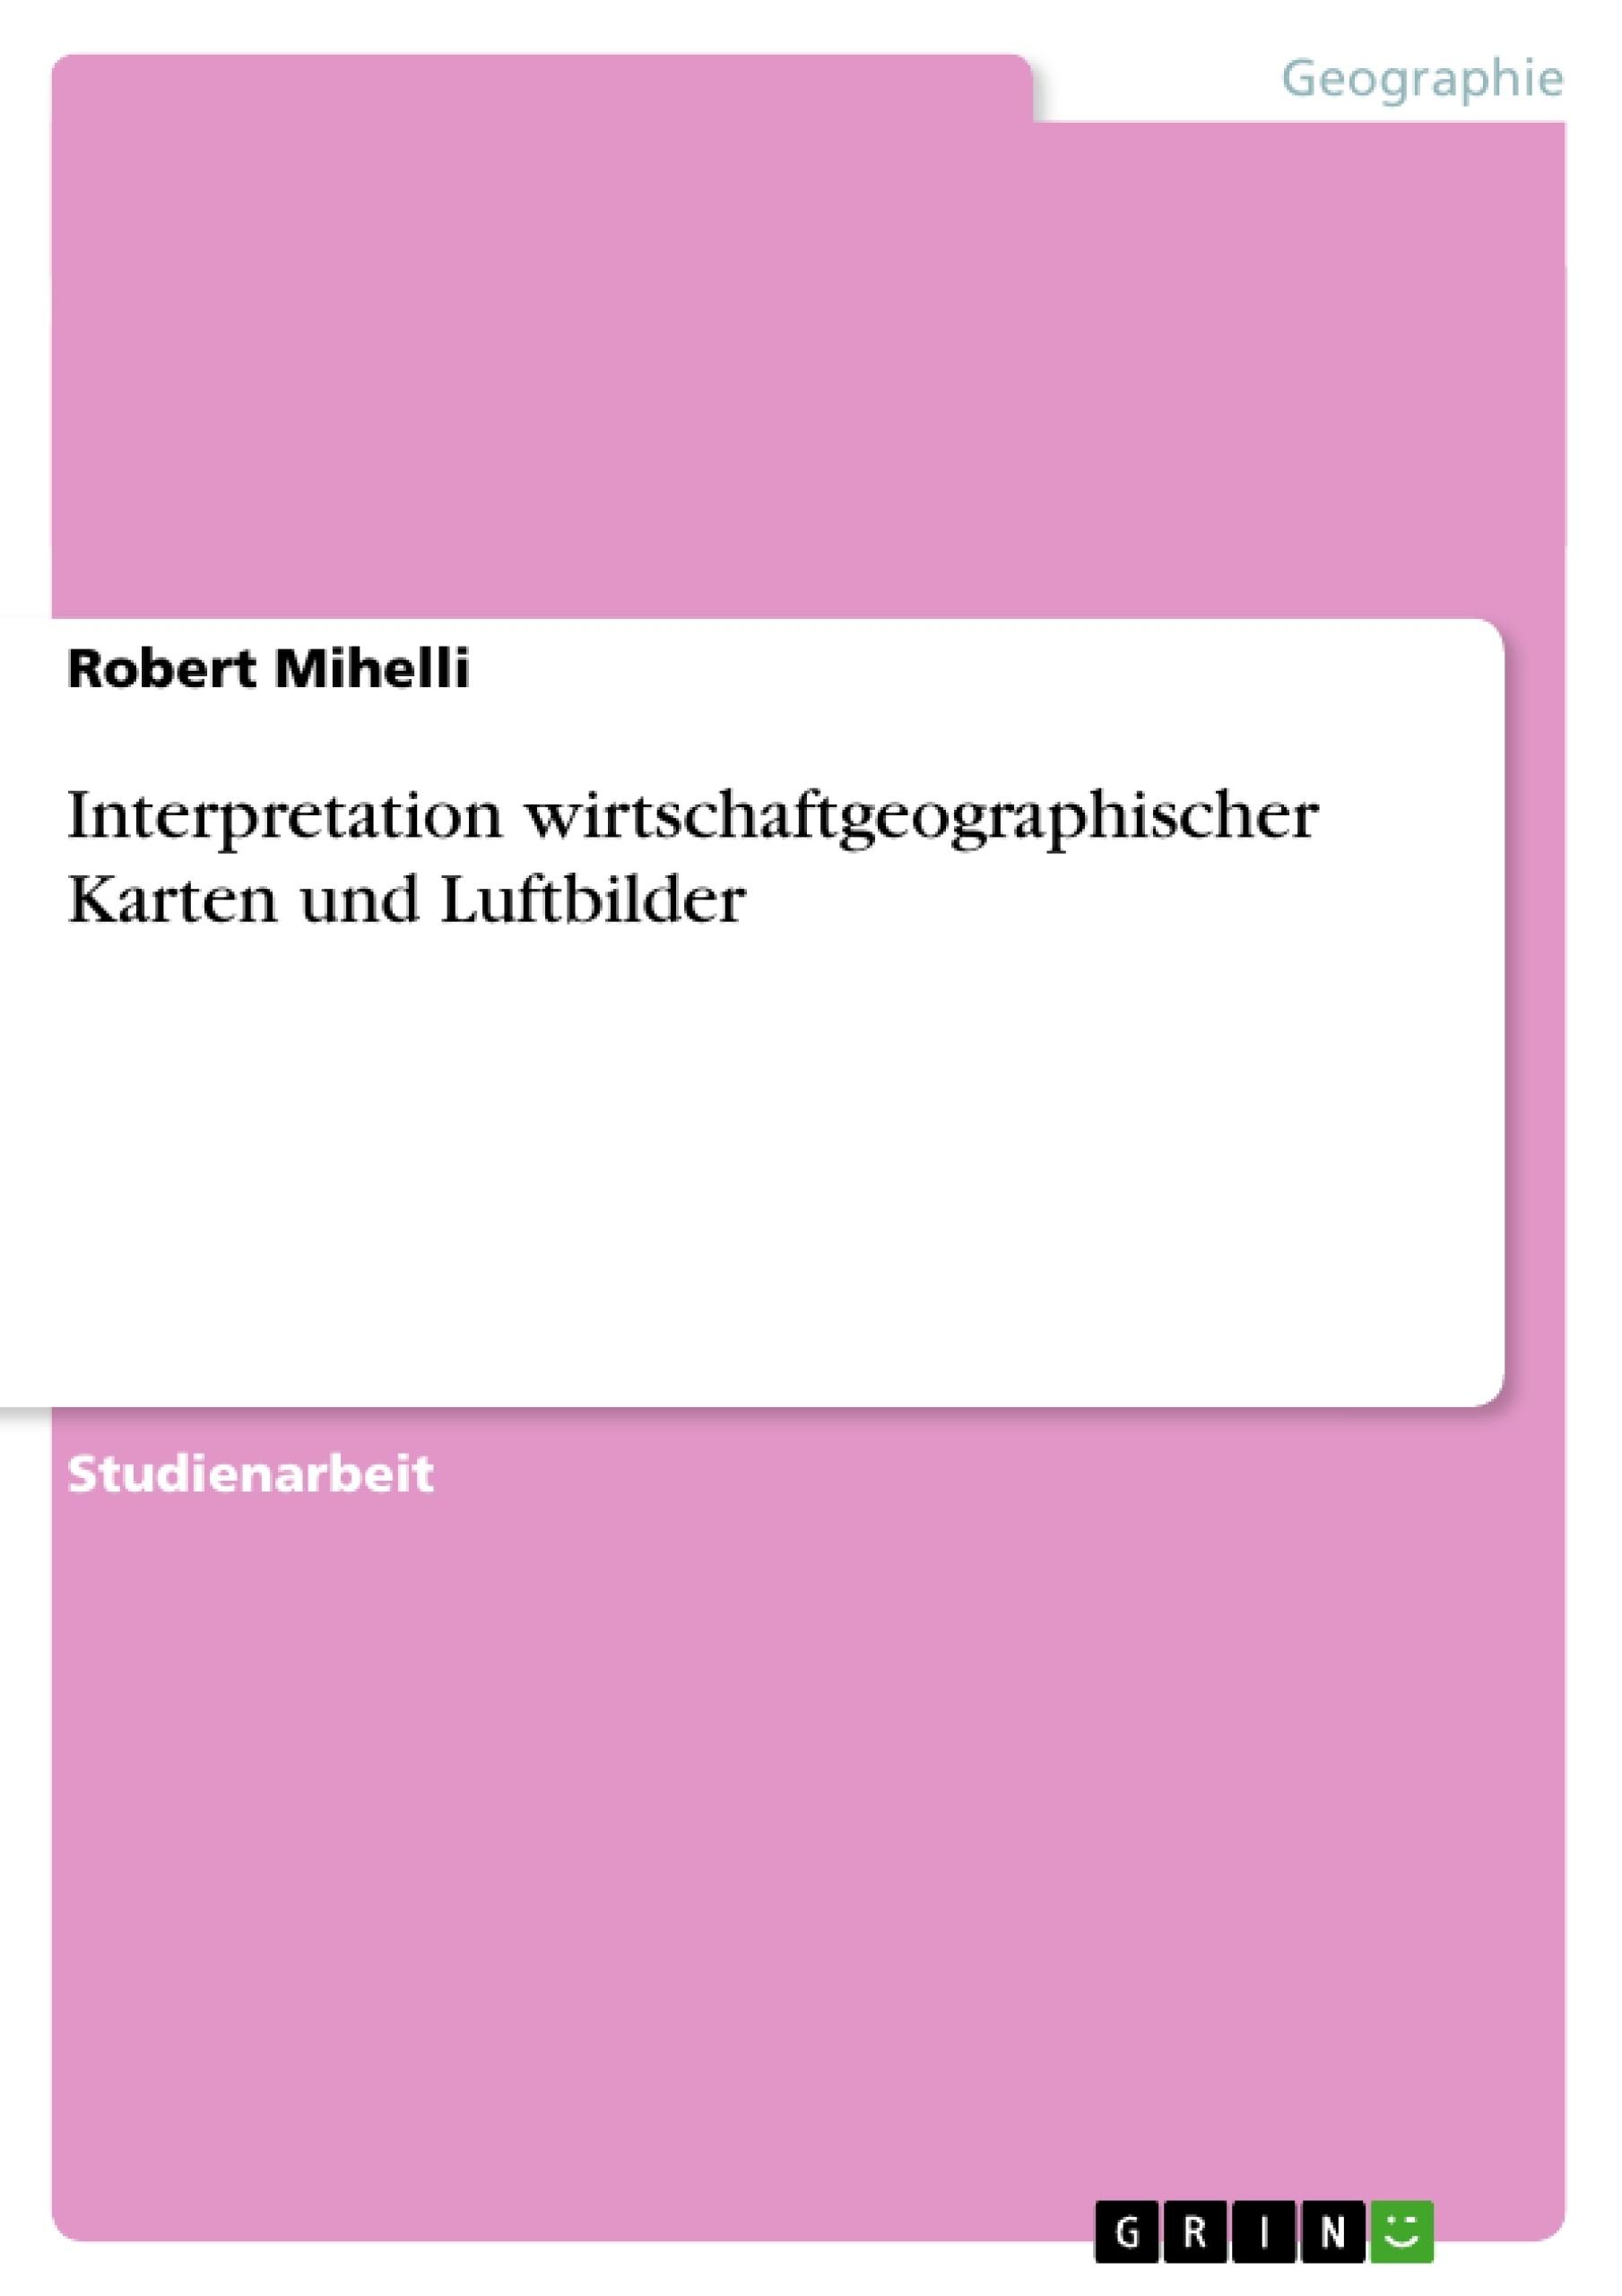 Titel: Interpretation  wirtschaftgeographischer Karten und Luftbilder